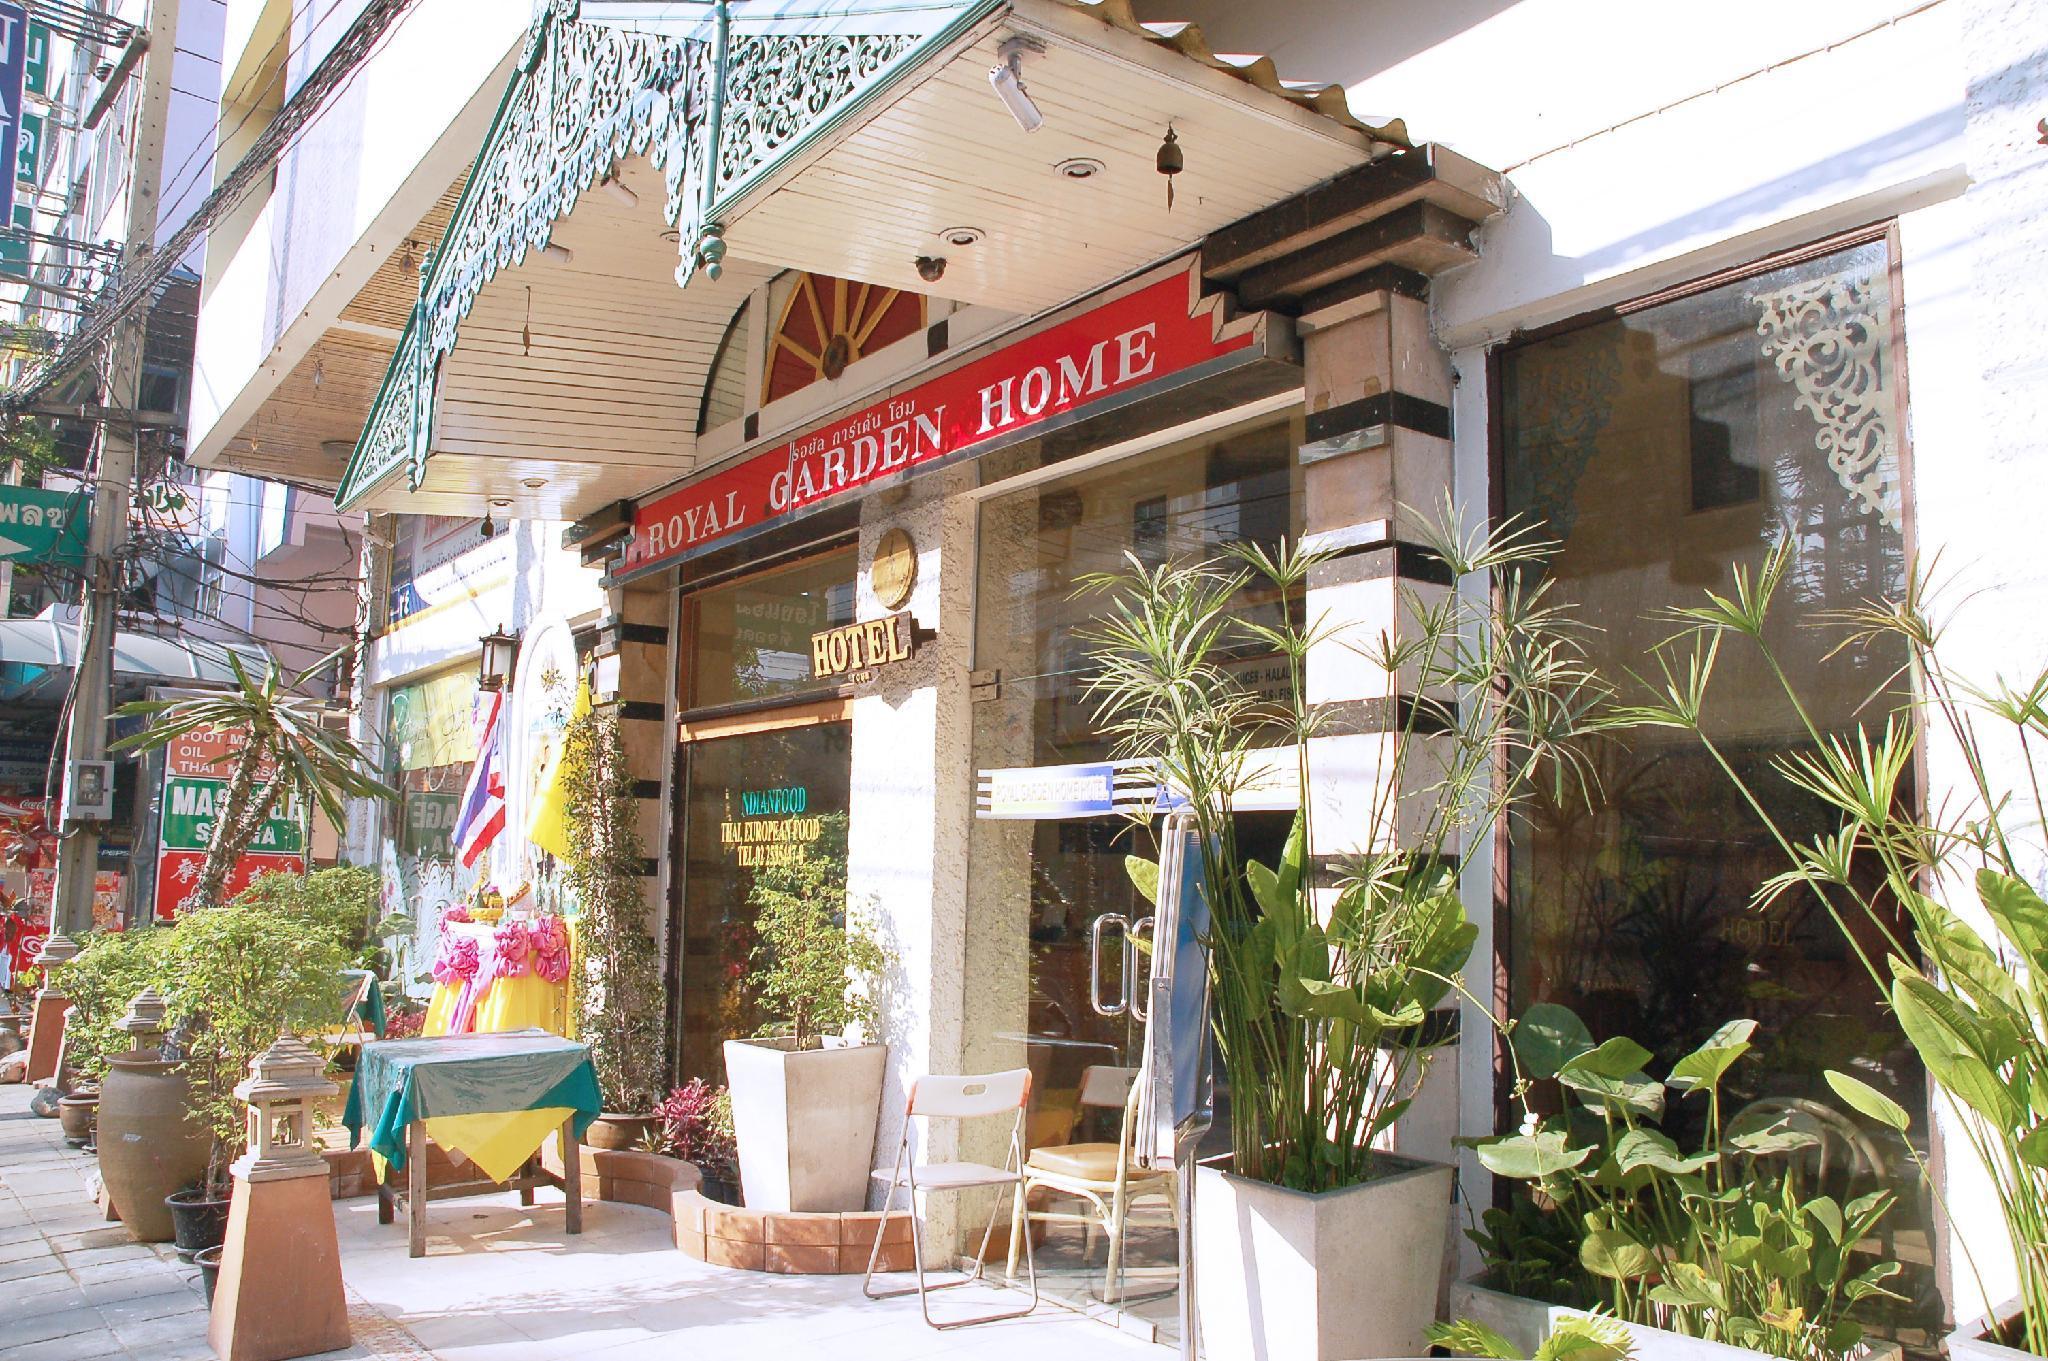 Royal Garden Home Hotel